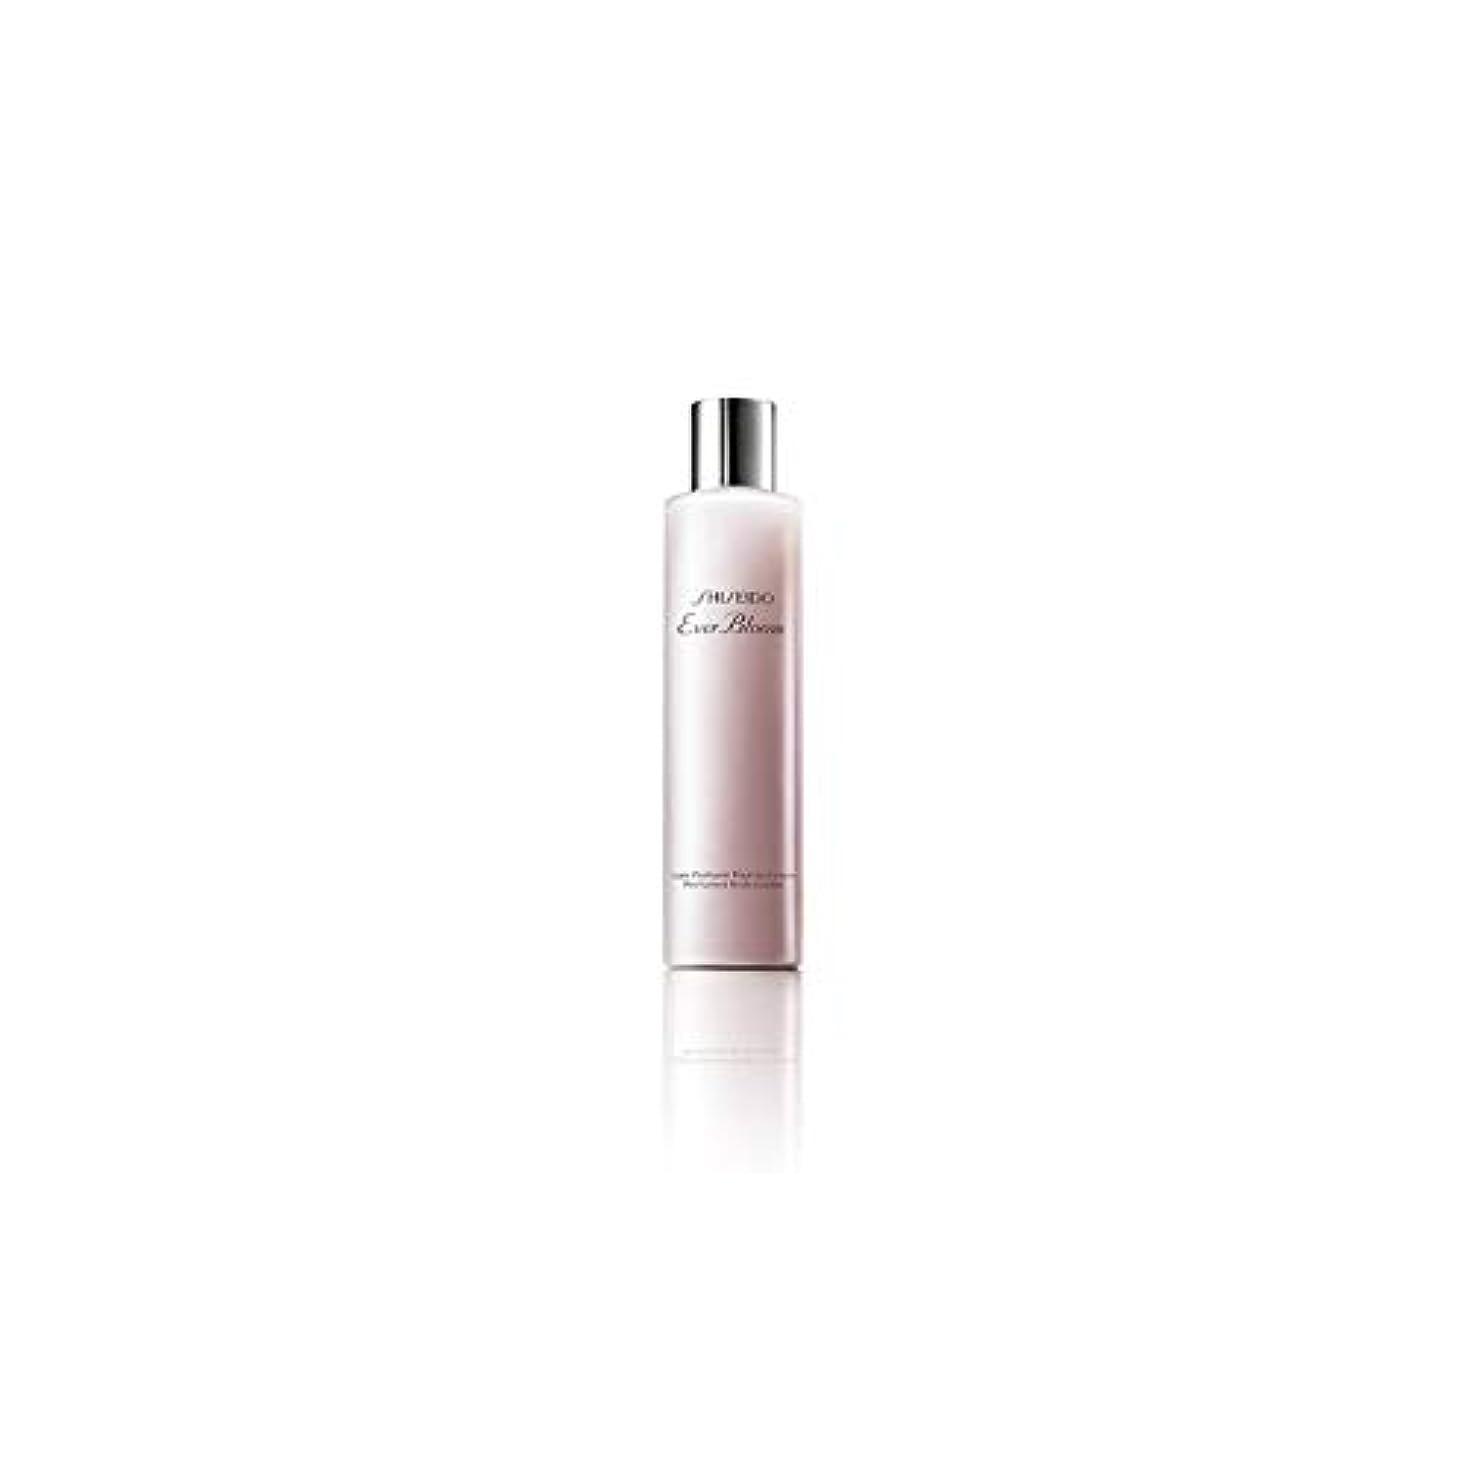 しつけけん引カーフ[Shiseido] 資生堂これまでブルームシャワークリーム(30ミリリットル) - Shiseido Ever Bloom Shower Cream (30ml) [並行輸入品]